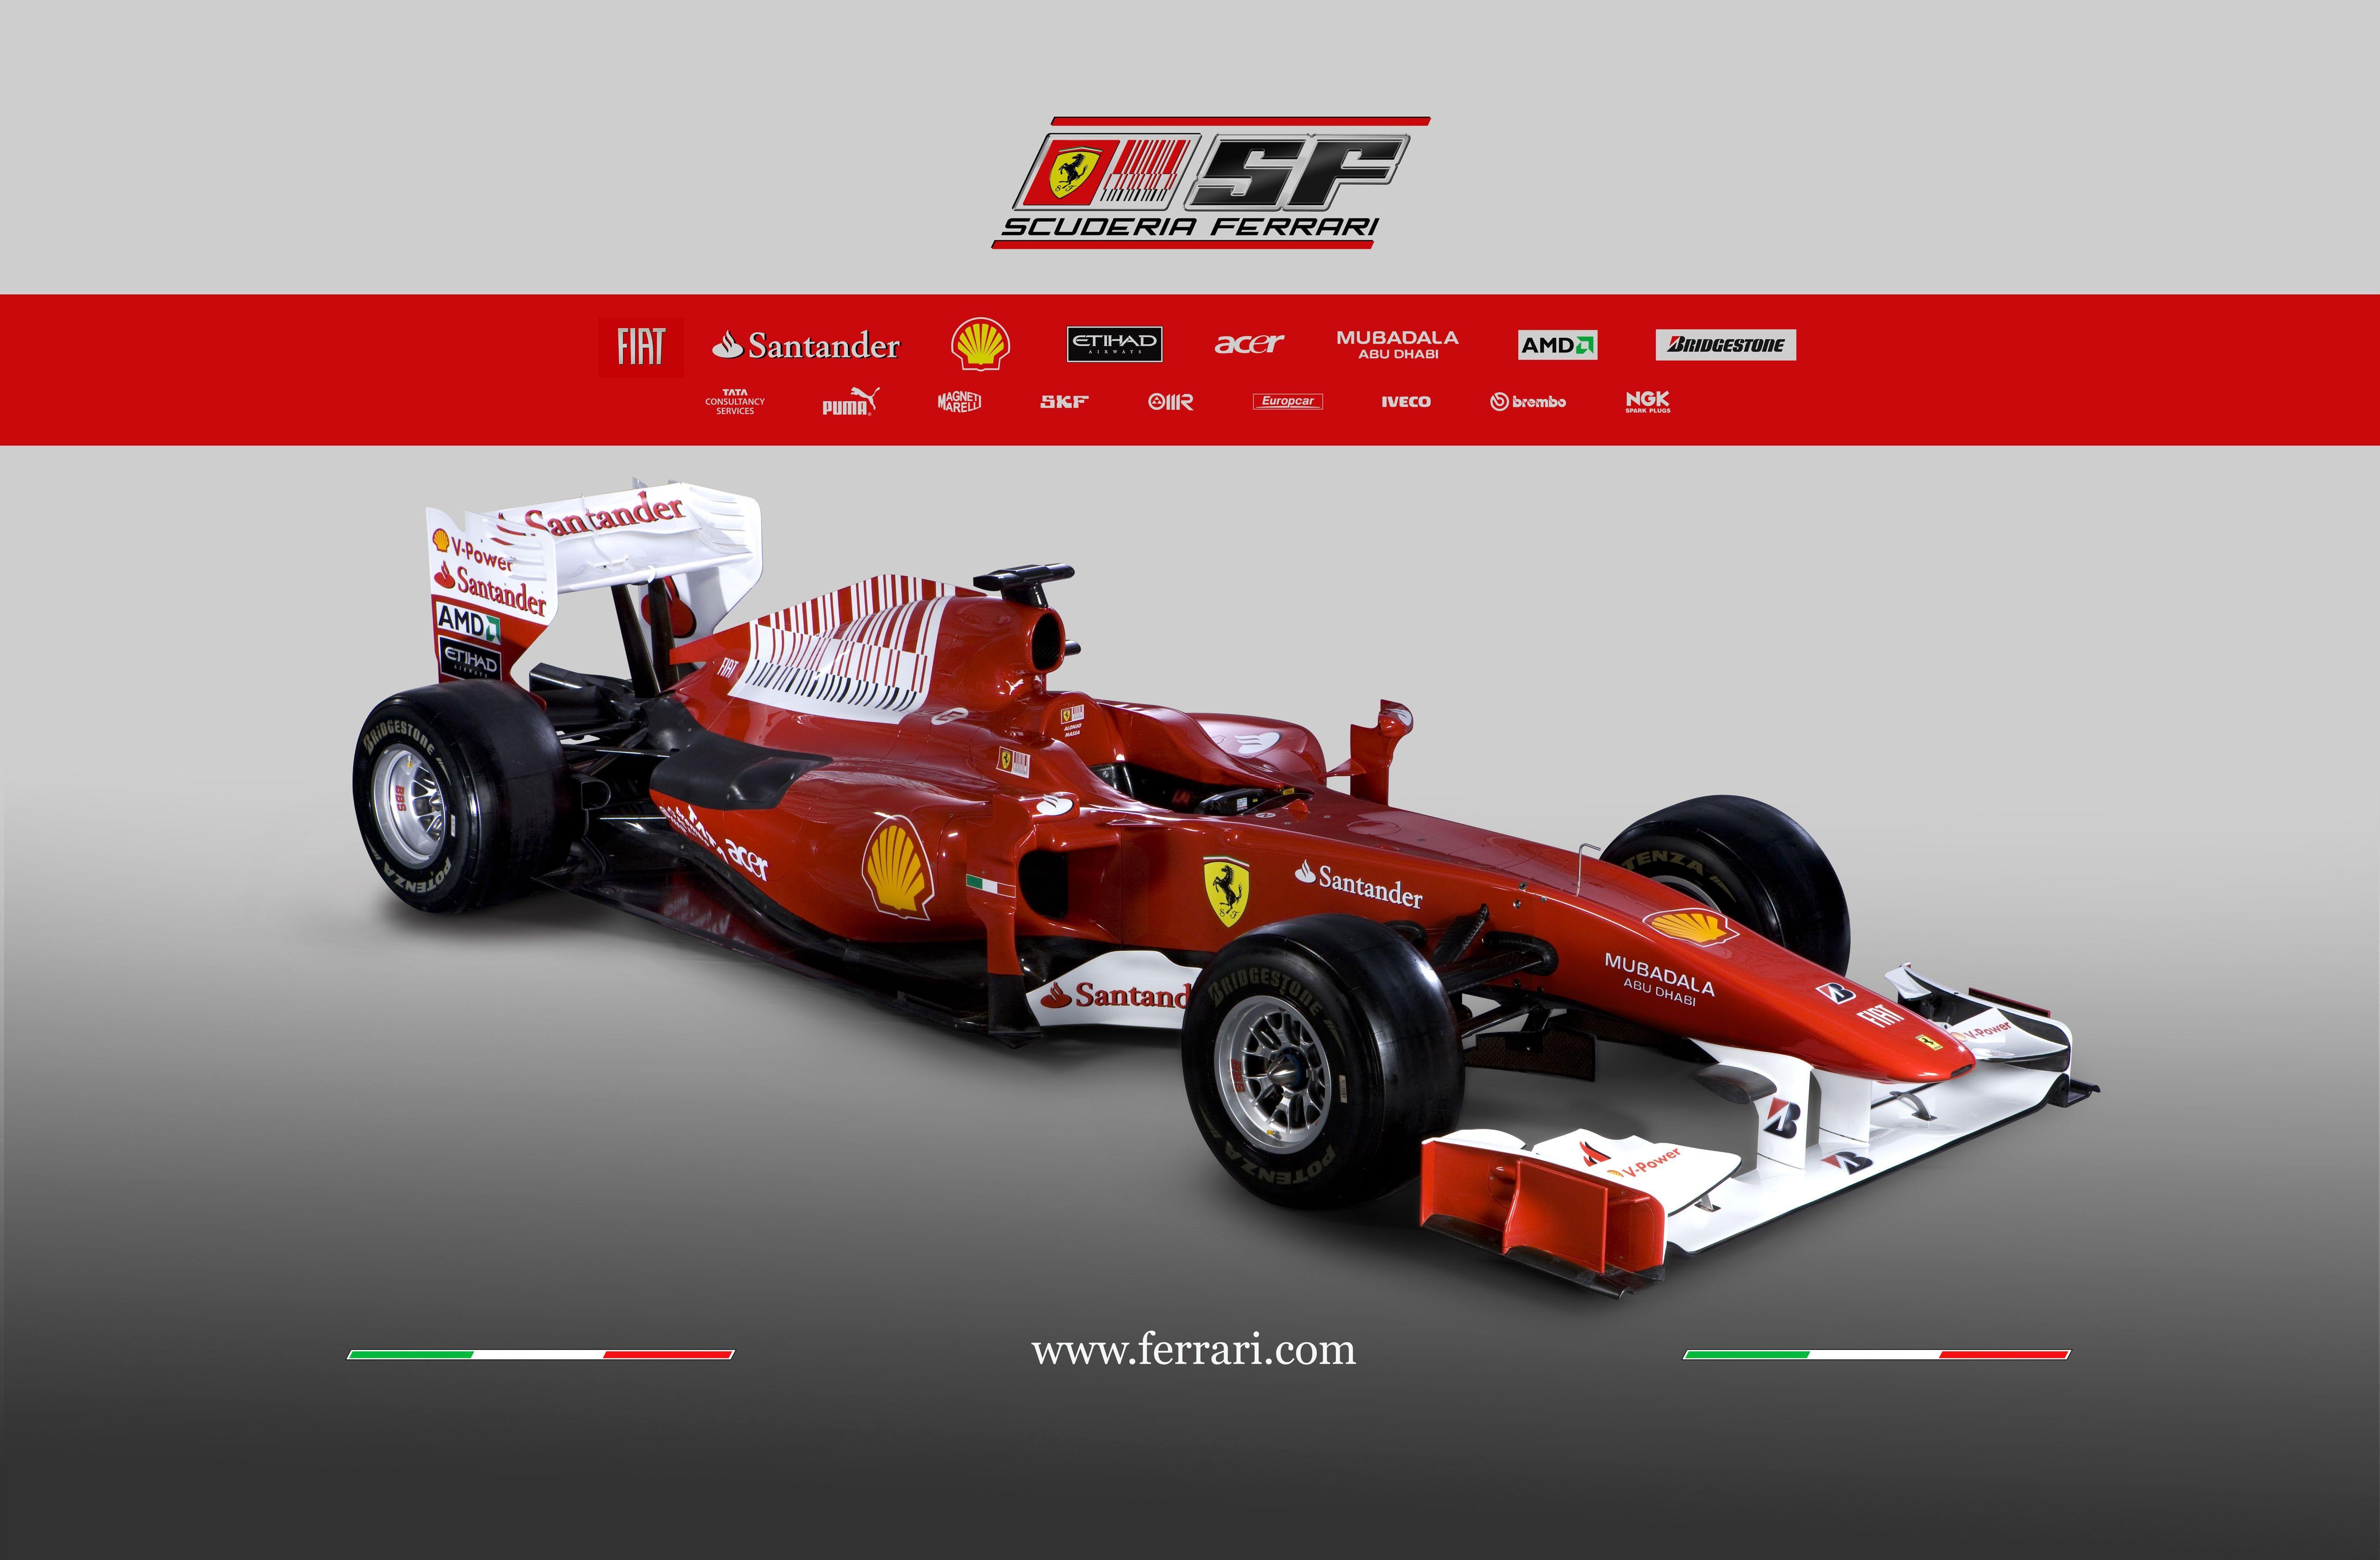 Free Screensaver Wallpapers For F1 Ferrari Car Car Brands